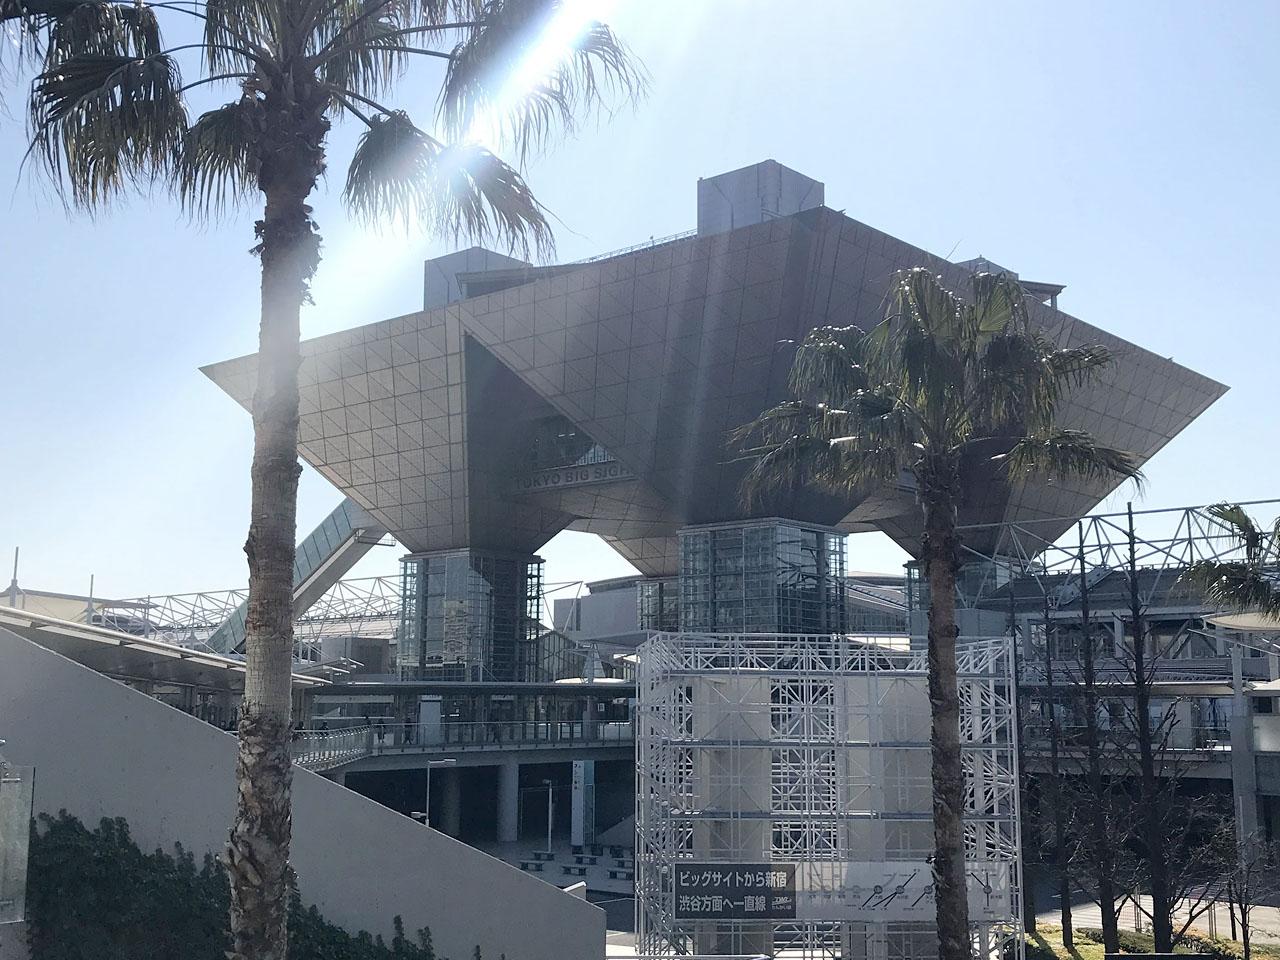 クリエイターEXPO初日:東京ビッグサイト